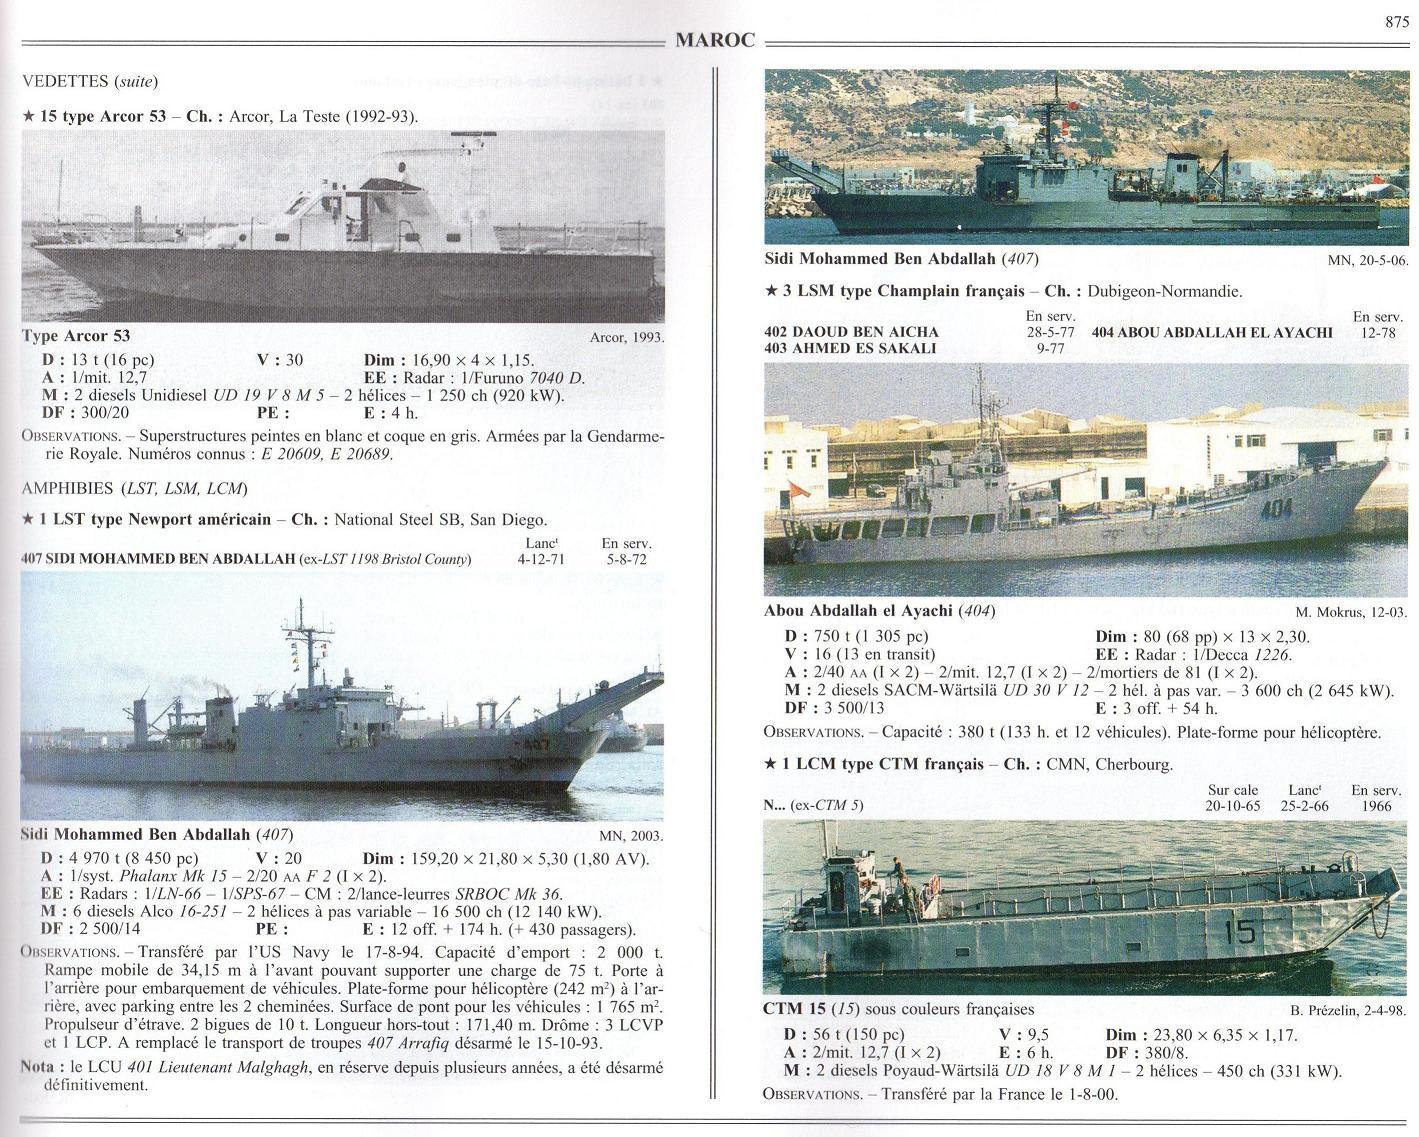 Articles à propos de la Marine Royale Marocaine 08-00510